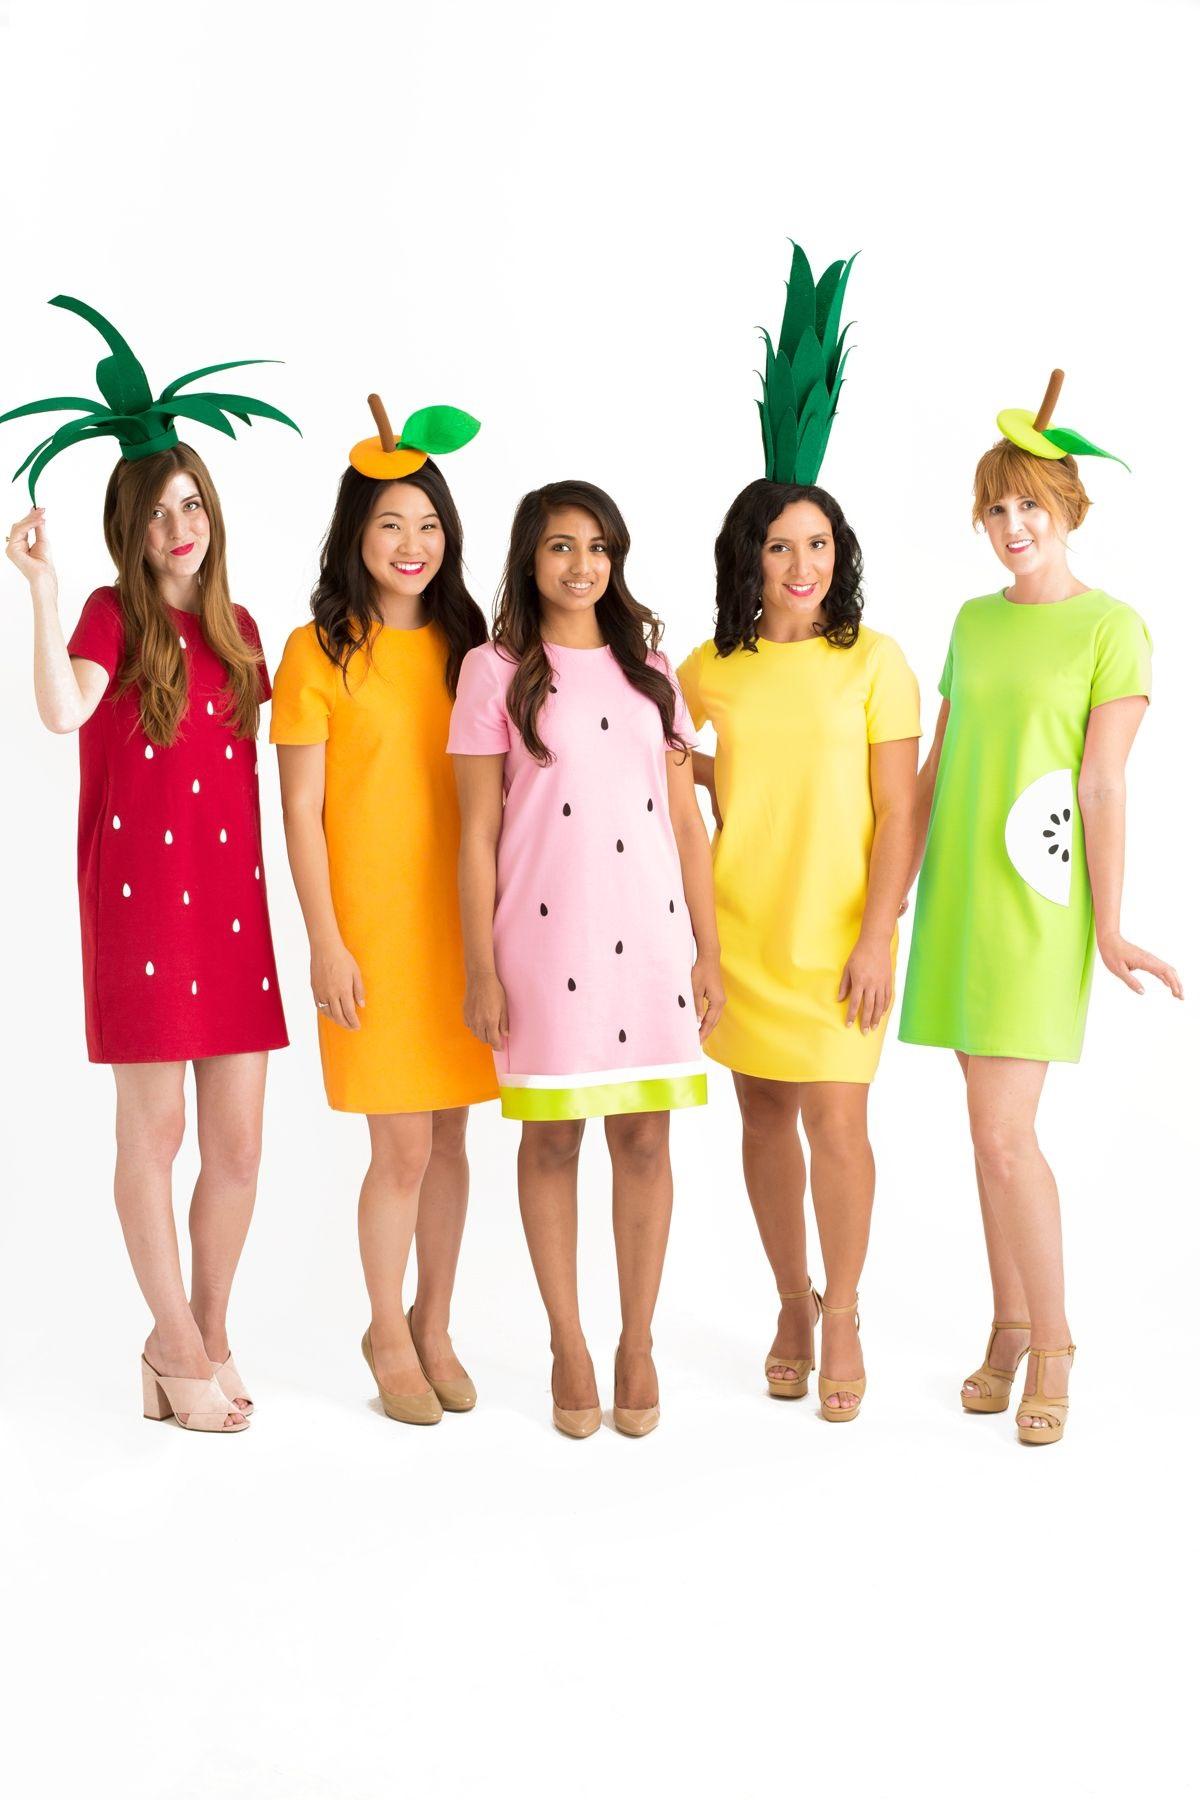 Idée de déguisement de groupe.